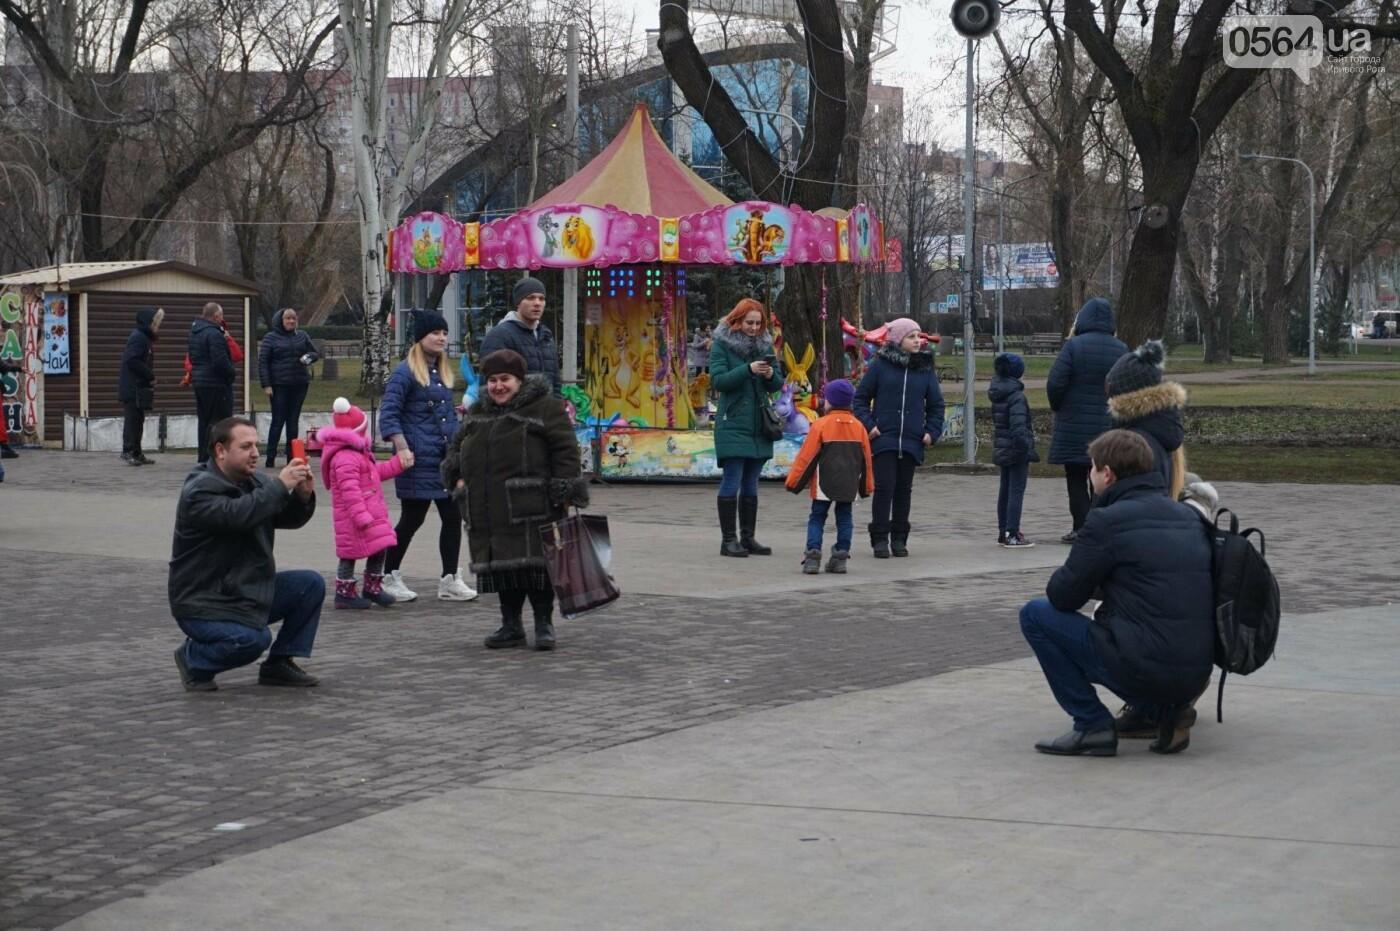 Встреча криворожских полицейских с детьми закончилась преждевременно (ФОТО), фото-33